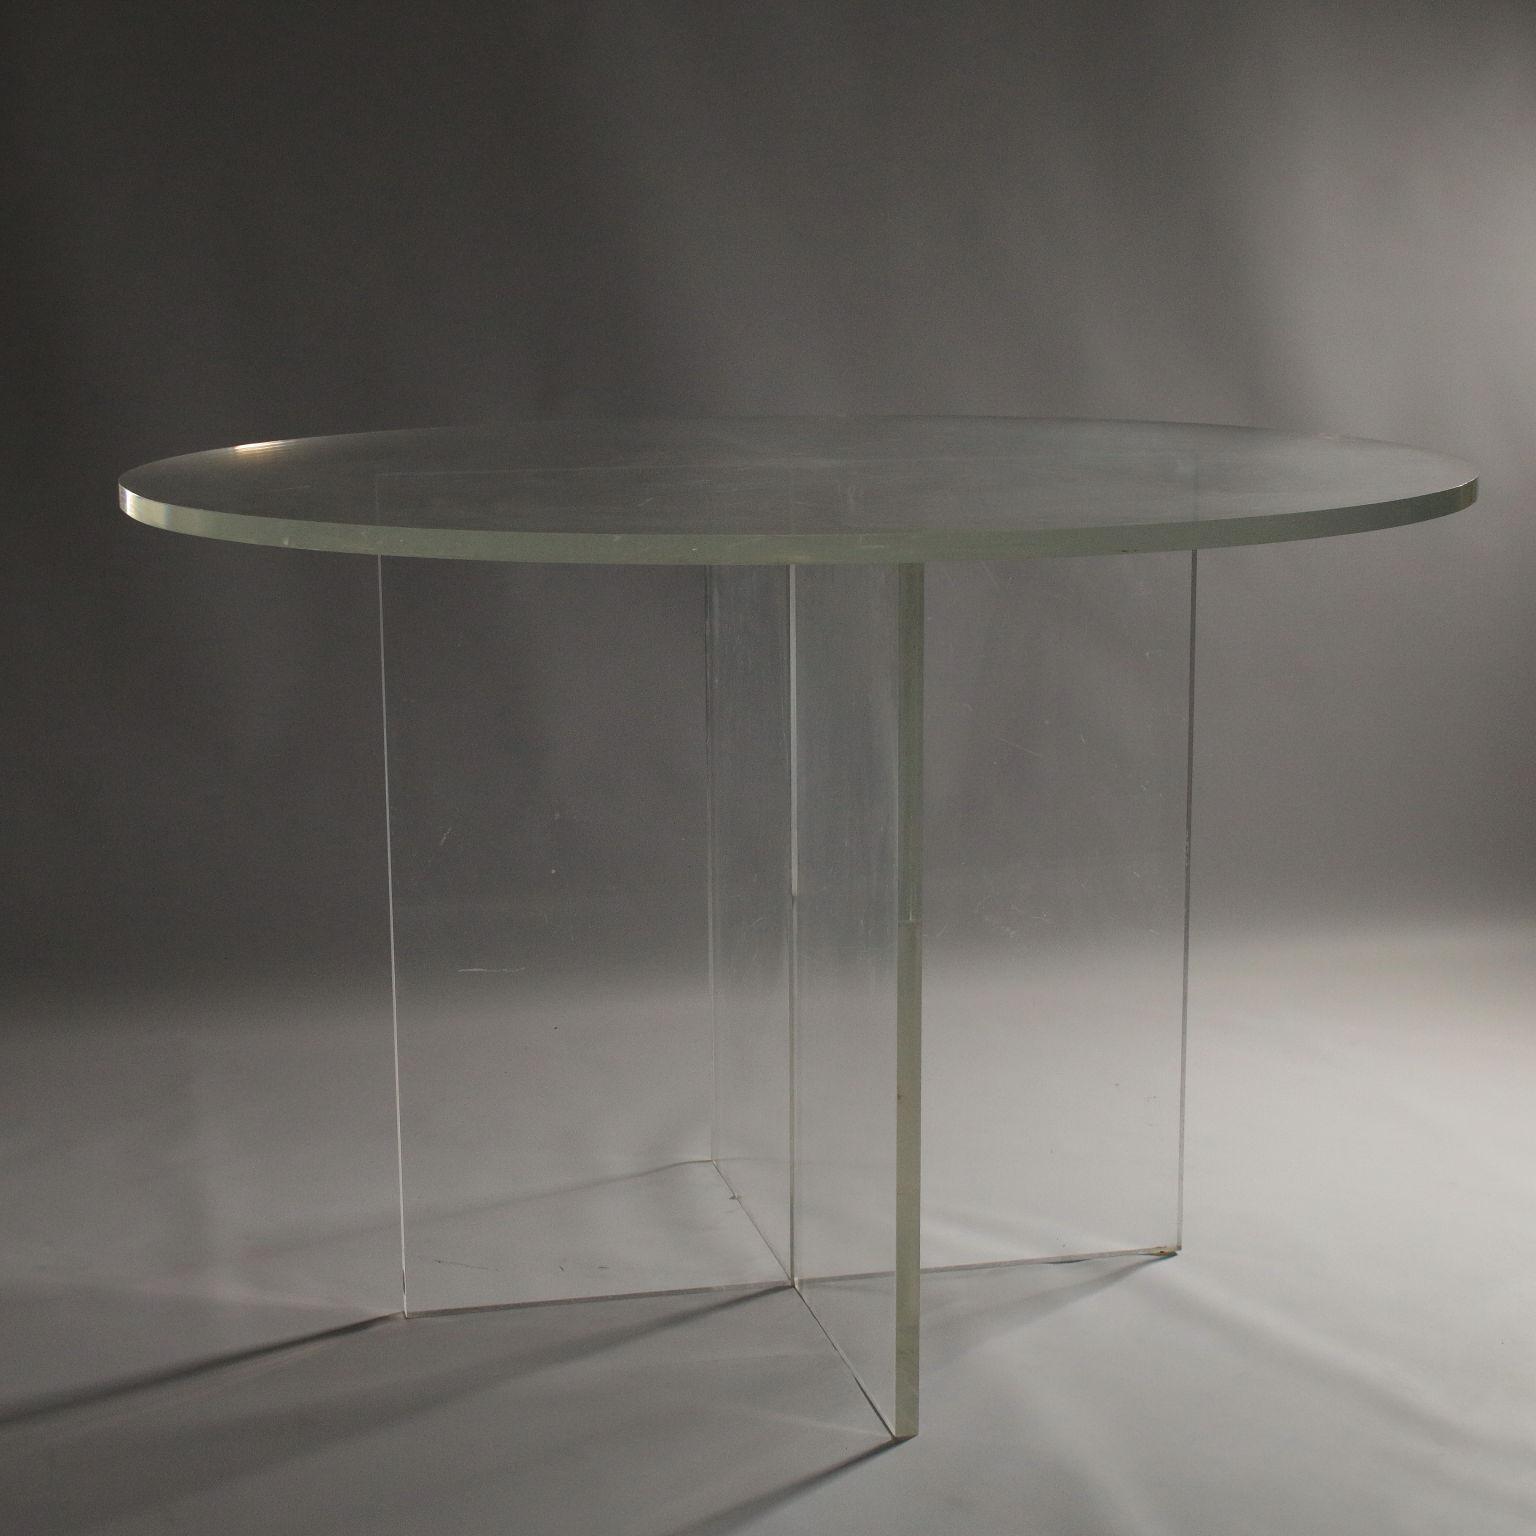 Tisch Plexiglas Tische Modernes Design Dimanoinmanoit